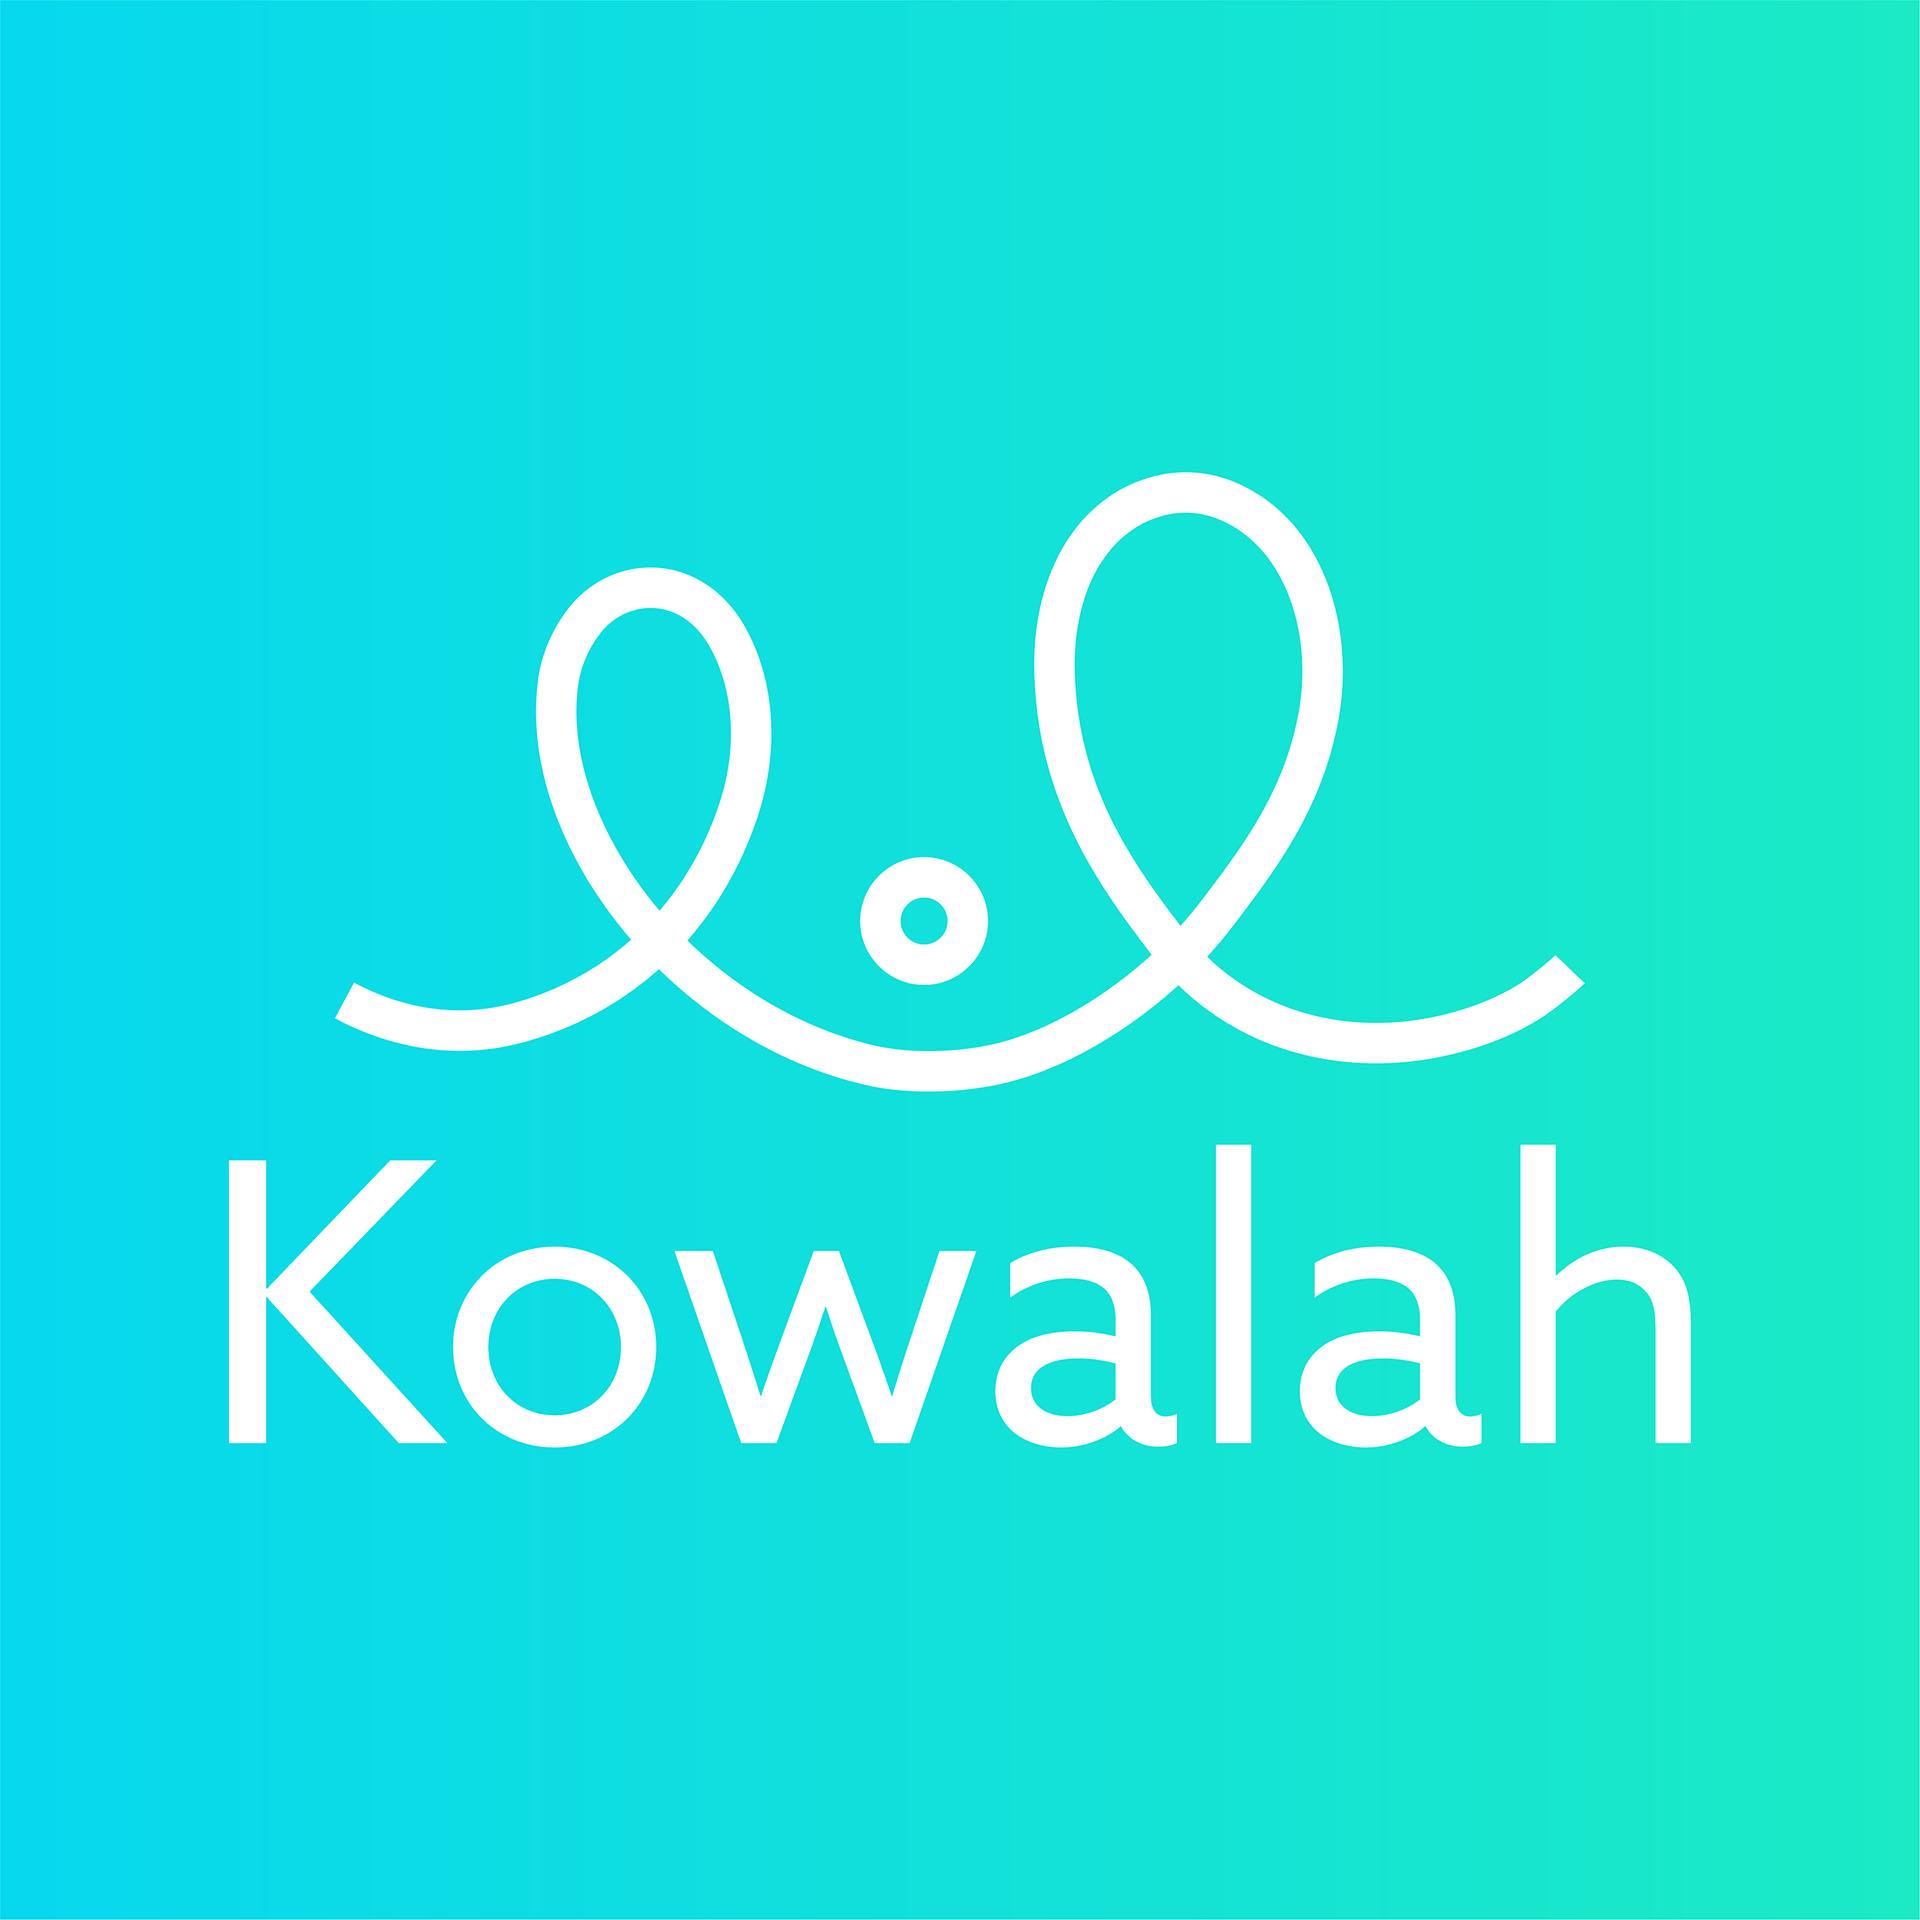 Kowalah 's logo